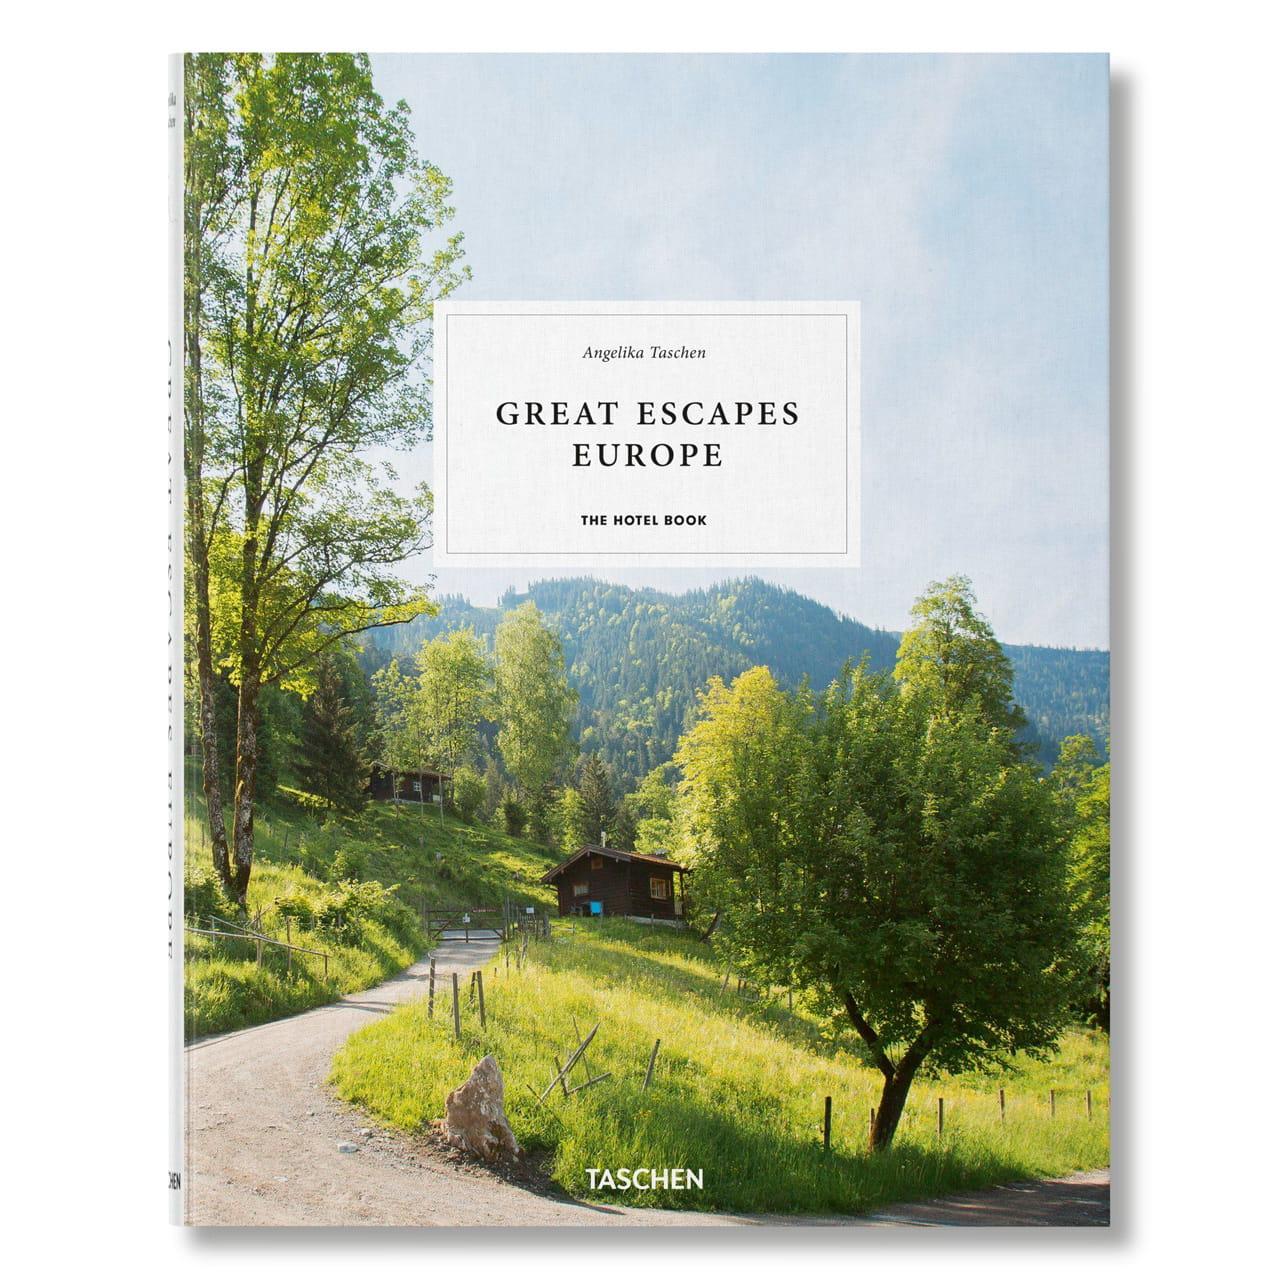 Książka dla podróżnika